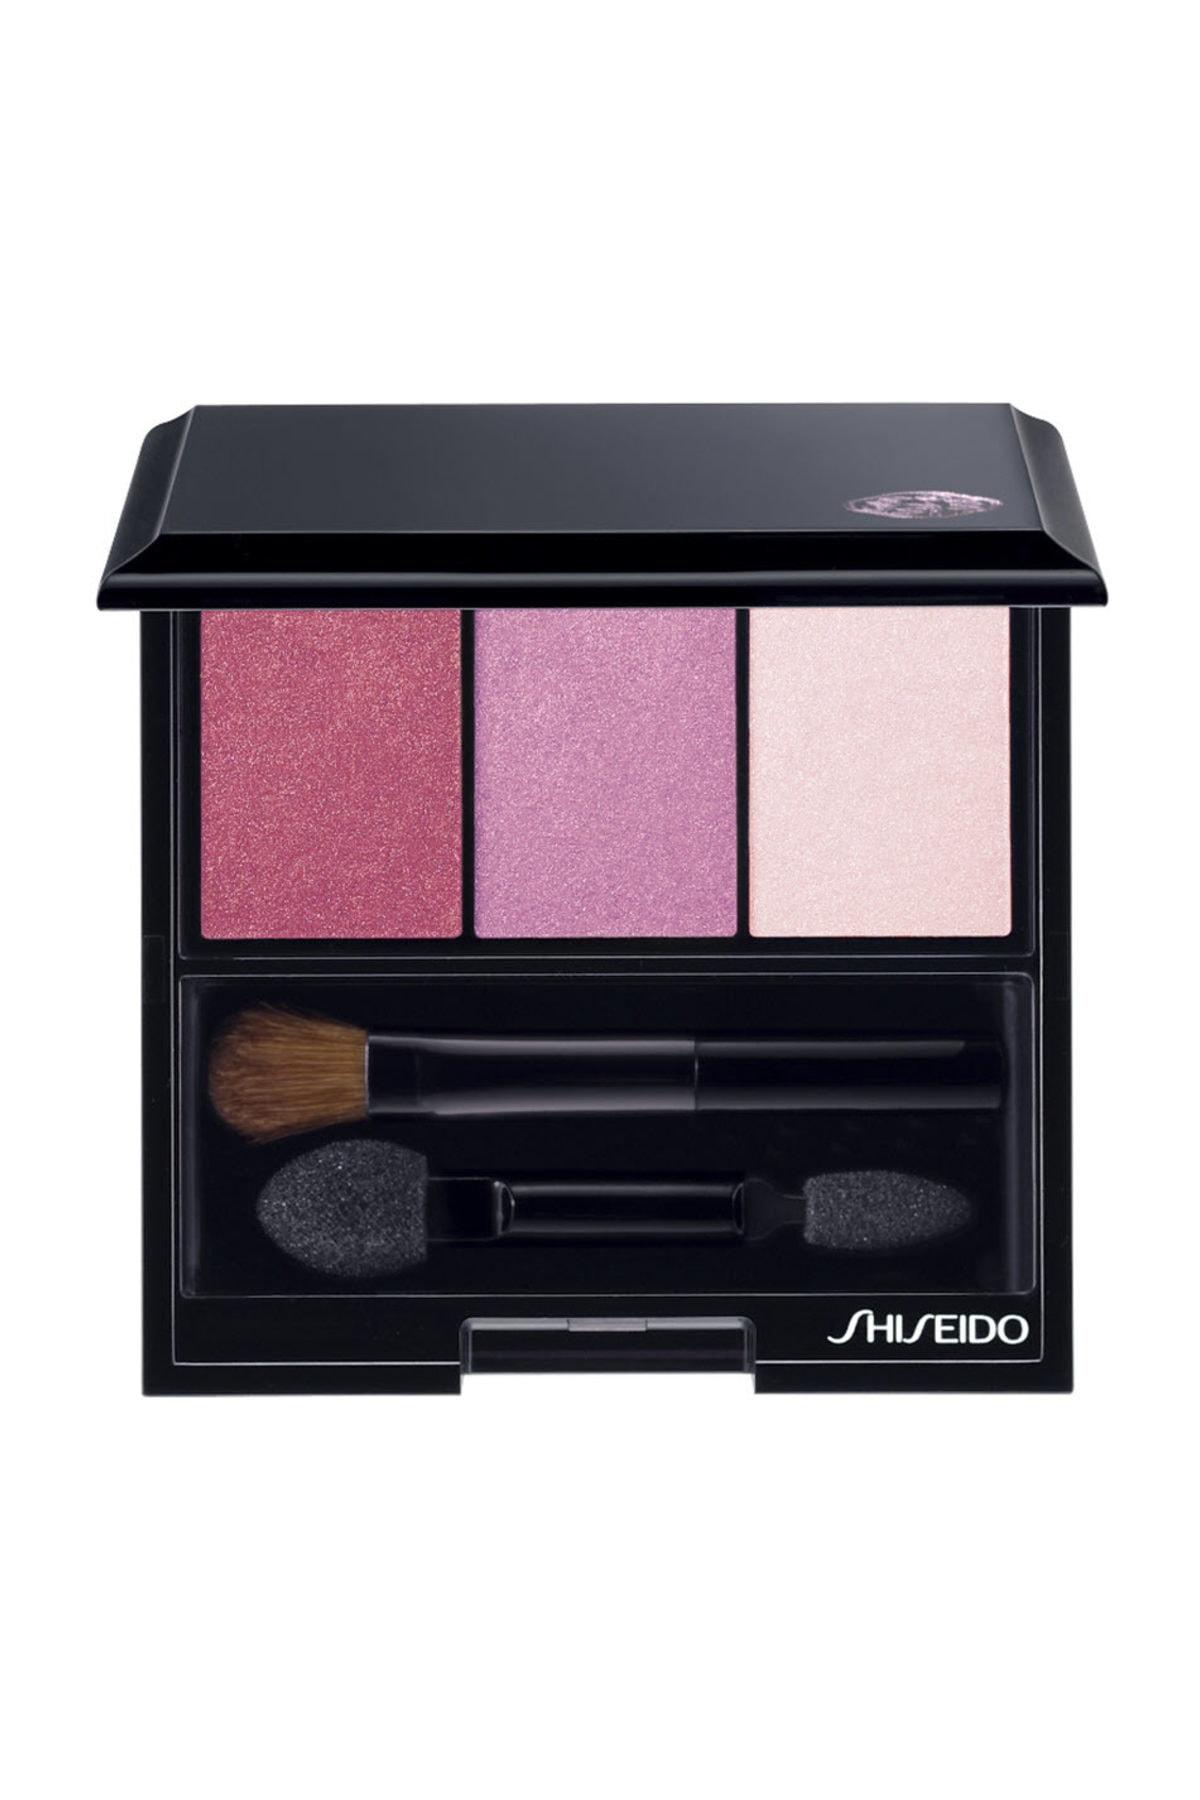 Shiseido Saten bitişli 3'lü Göz Farı - Luminizing Satin Eye Color Trio PK403 729238105232 1